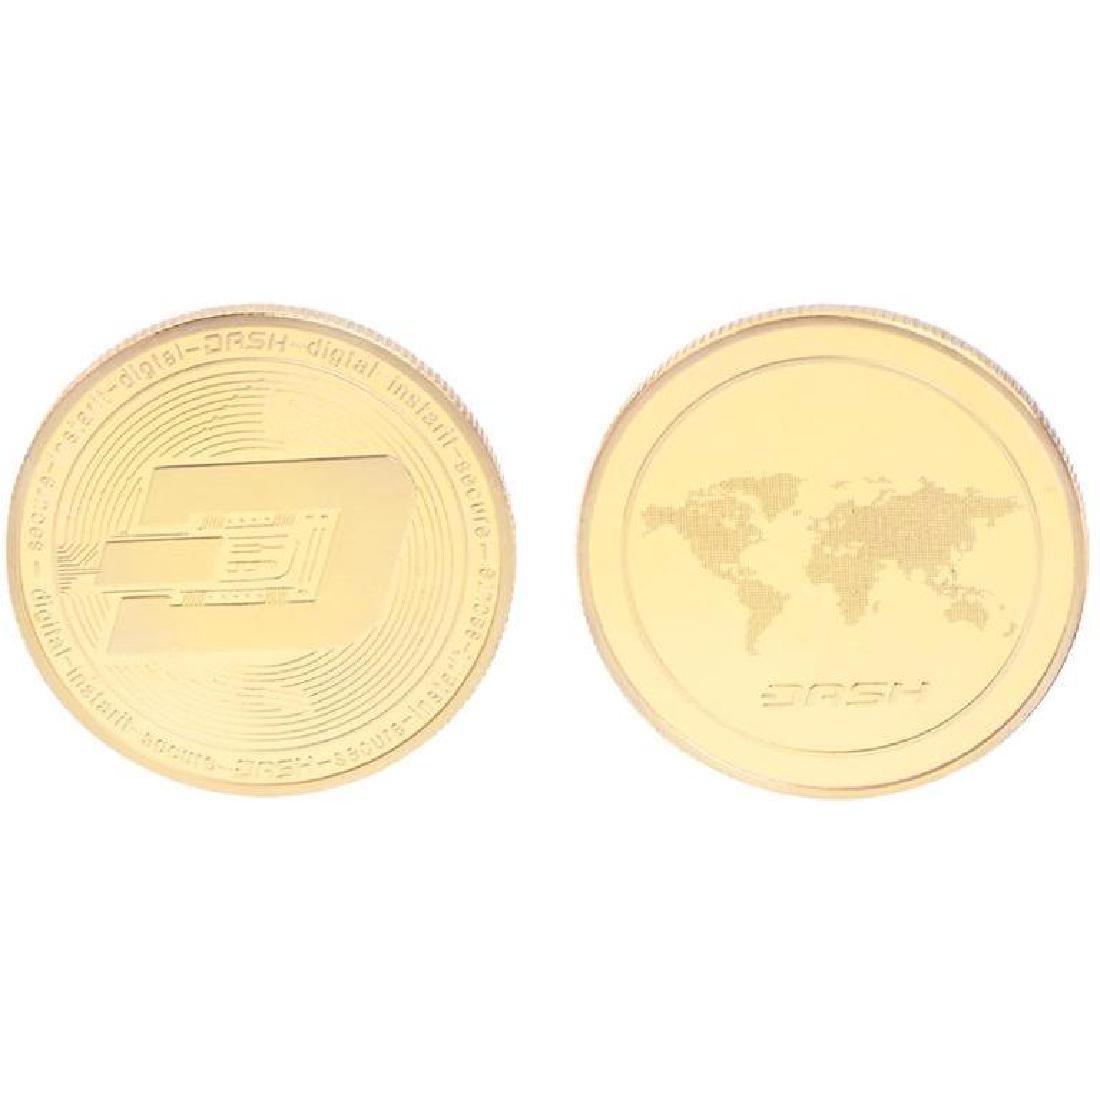 Dash Digital Gold Clad Crypto Coin